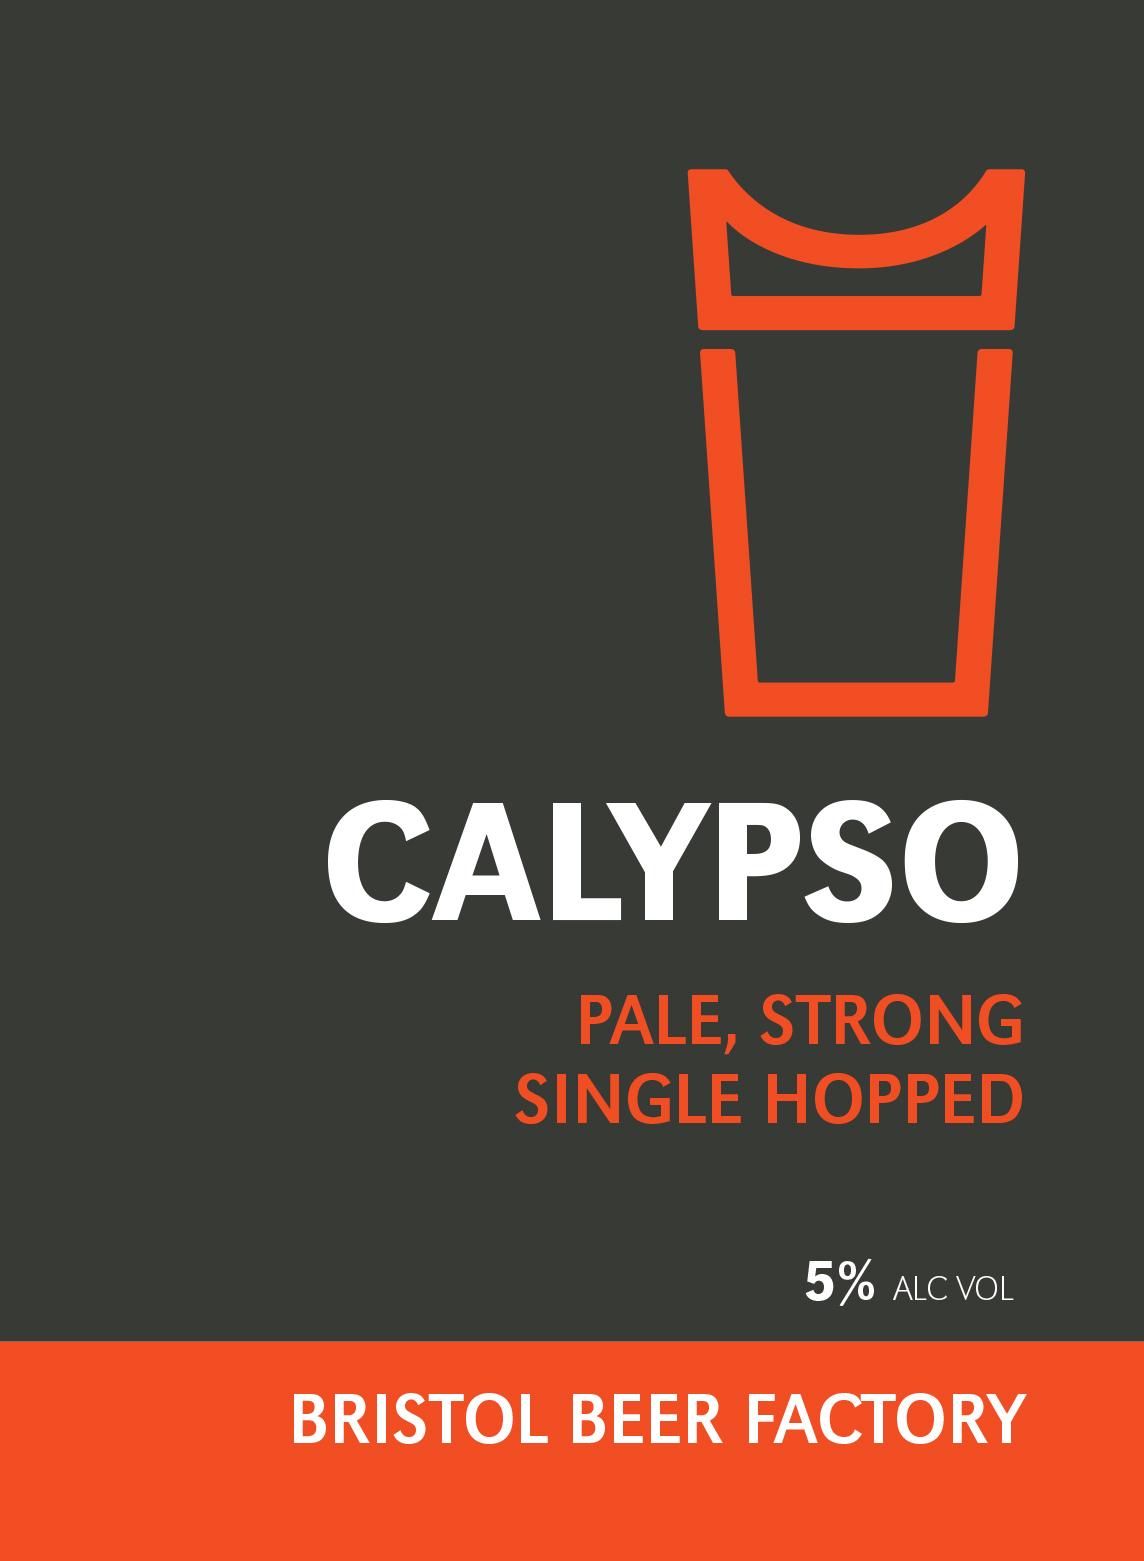 BBF CALYPSO.jpg